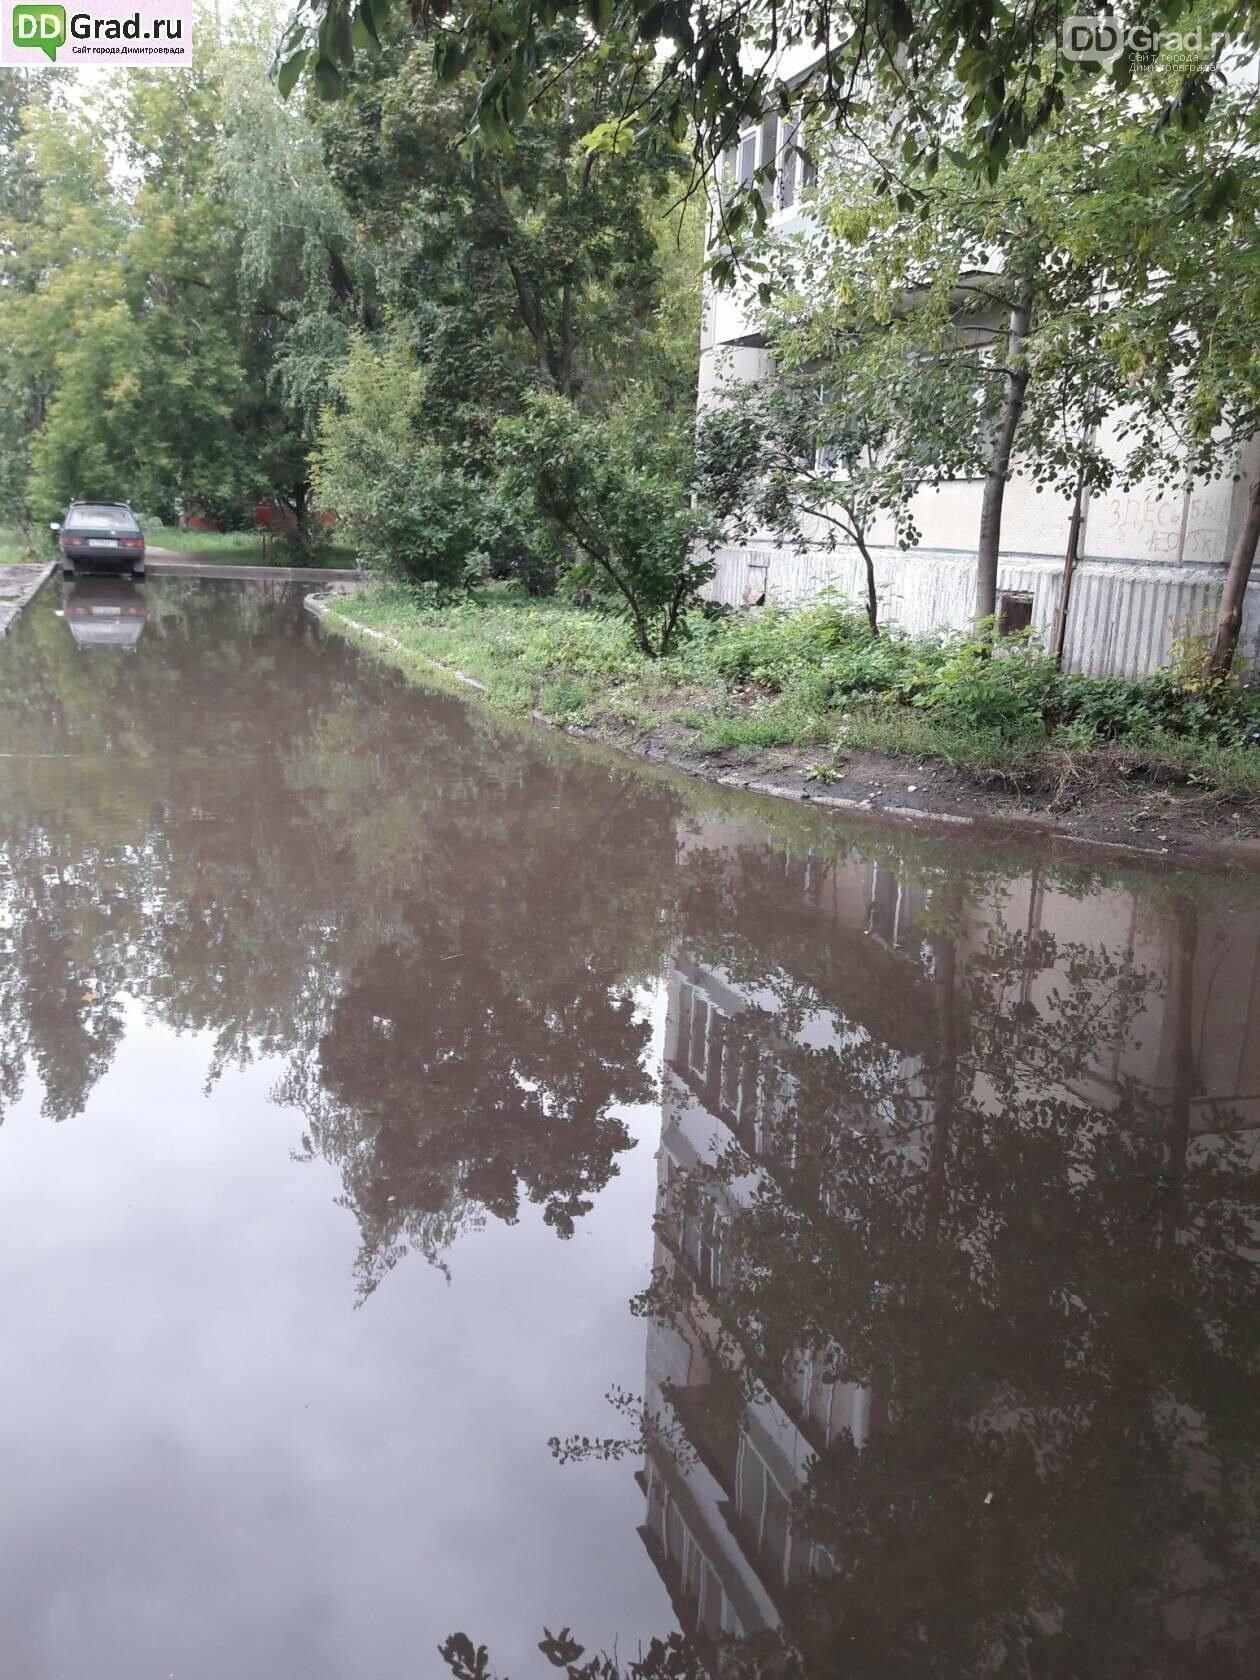 Течёт ручей, бежит ручей... Дороги в Димитровграде, фото-1